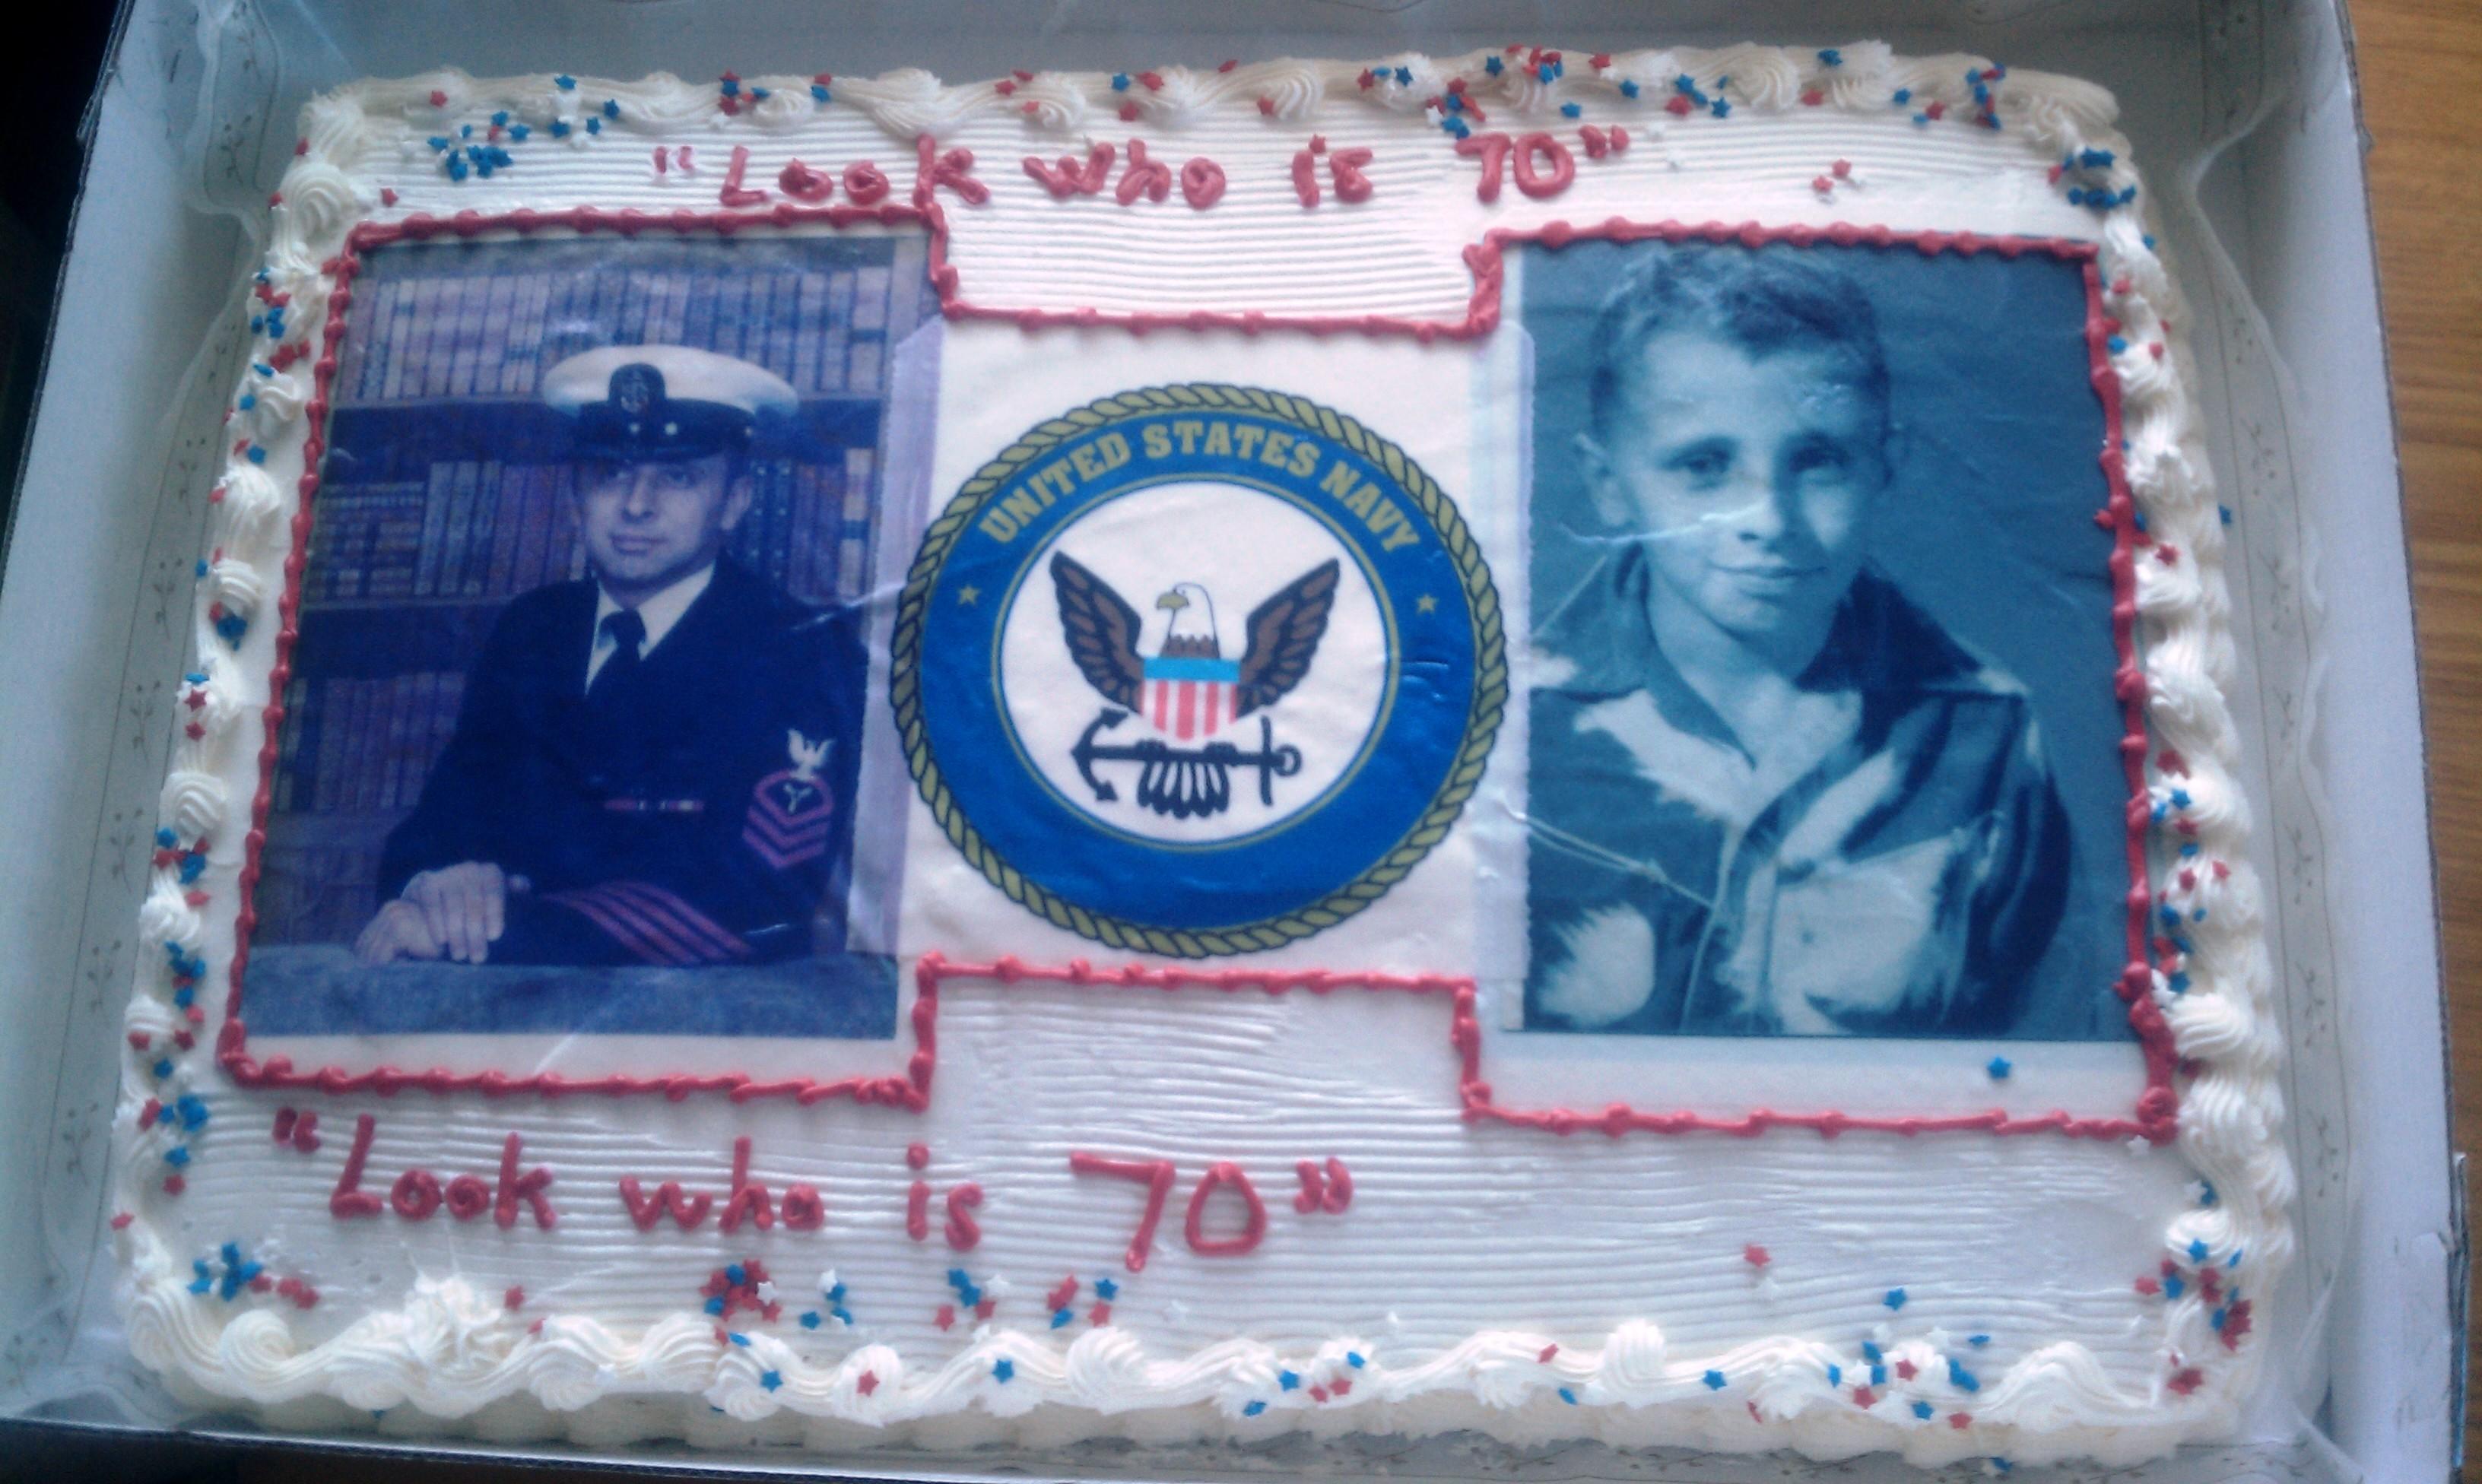 Mom's Bake Shop, Gloucester VA